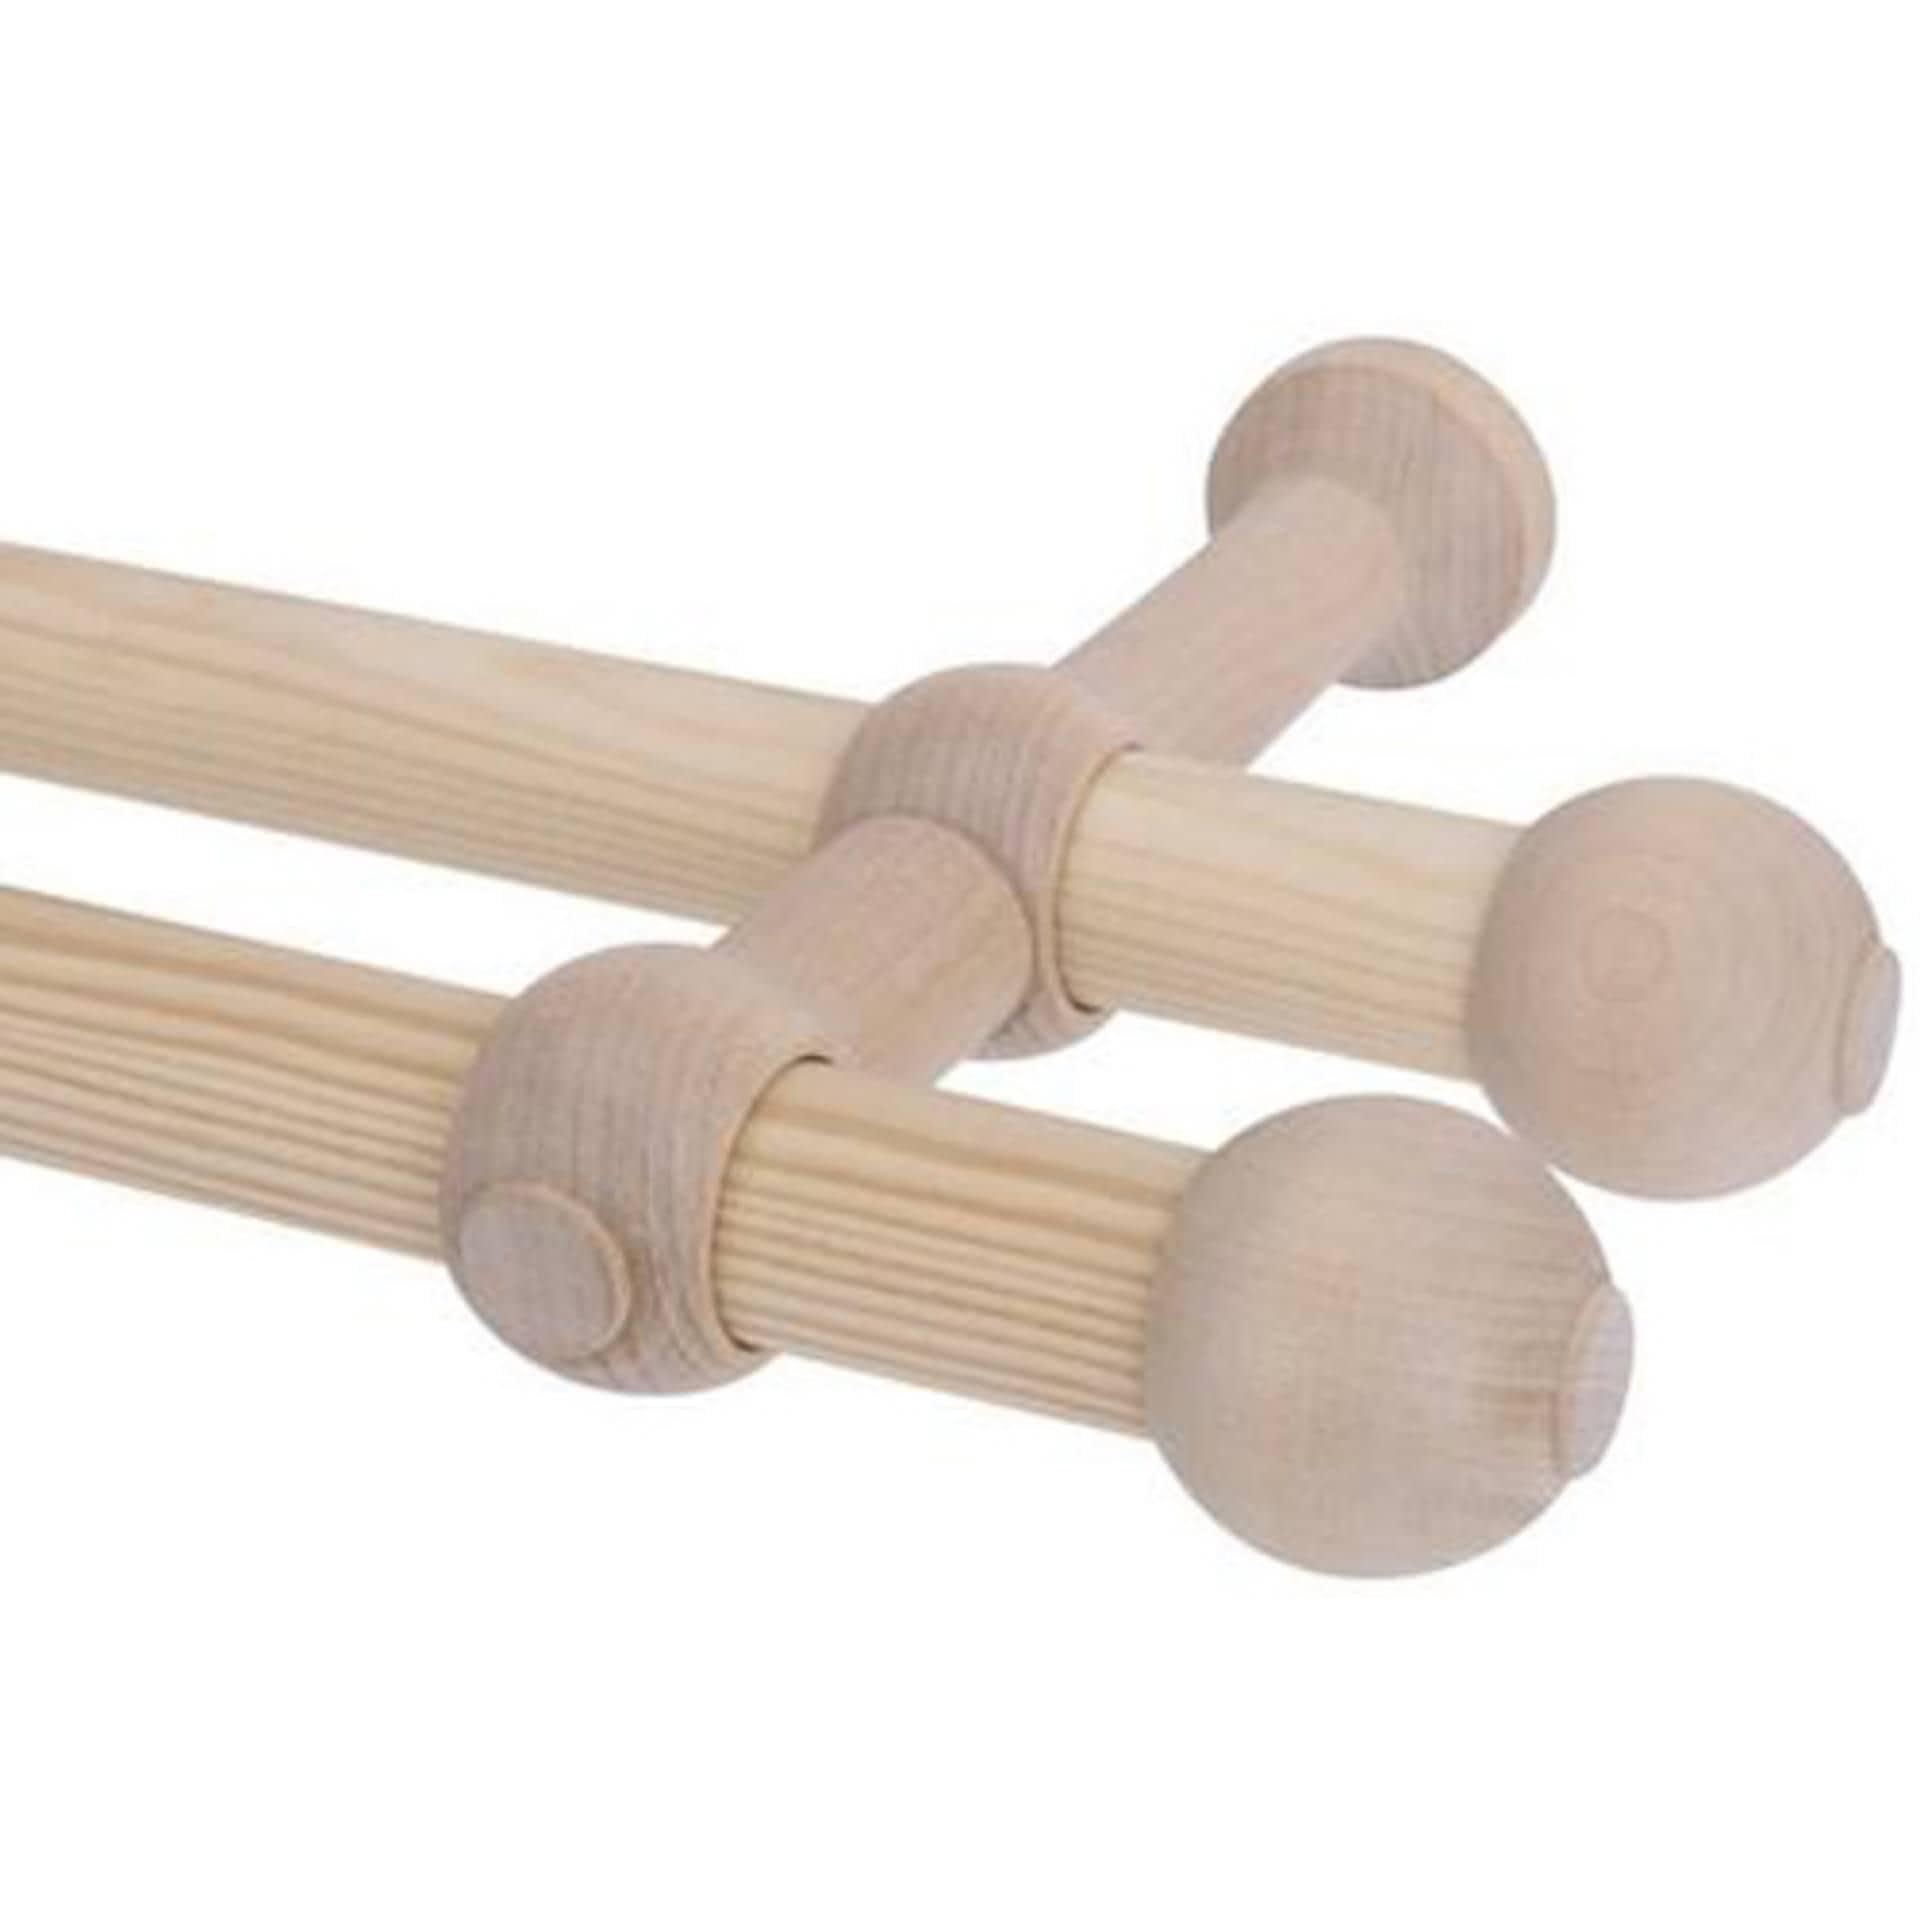 Тканини карнизи - Карниз дерев'яний прато нью на ІІ ряди  120CM сосна 25/25мм/120см